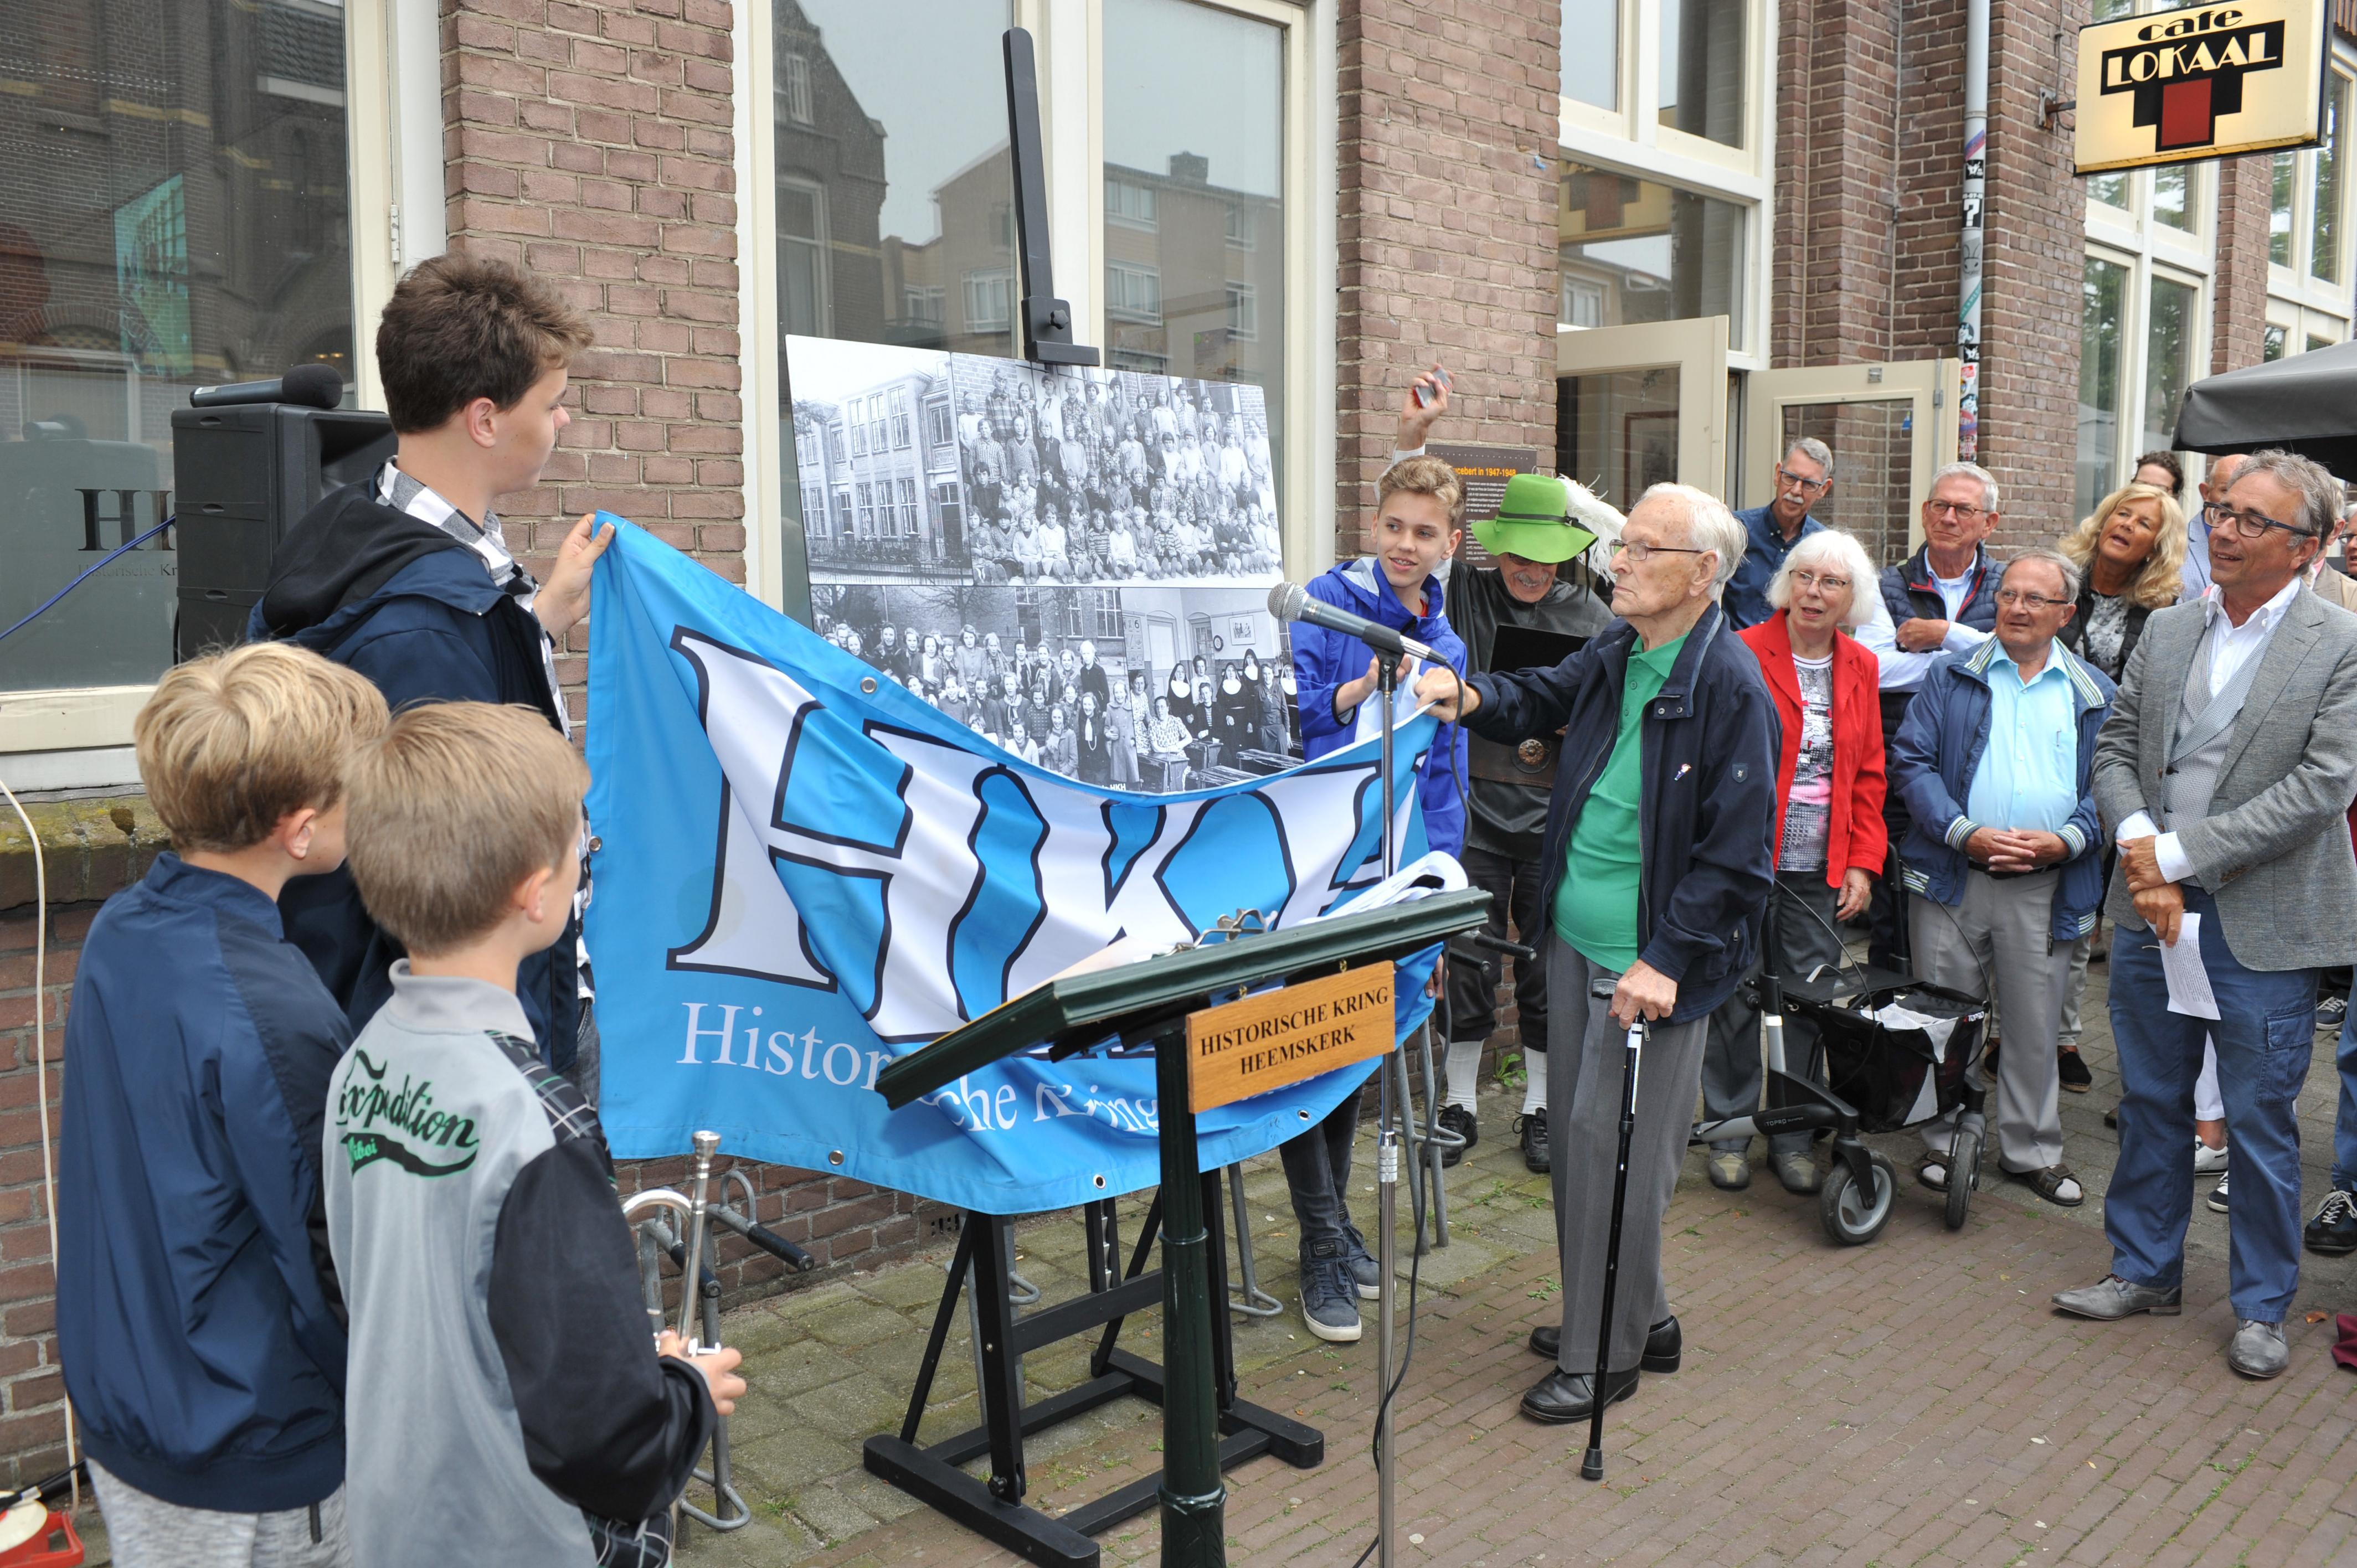 Historische Kring Heemskerk start voorzichtig op